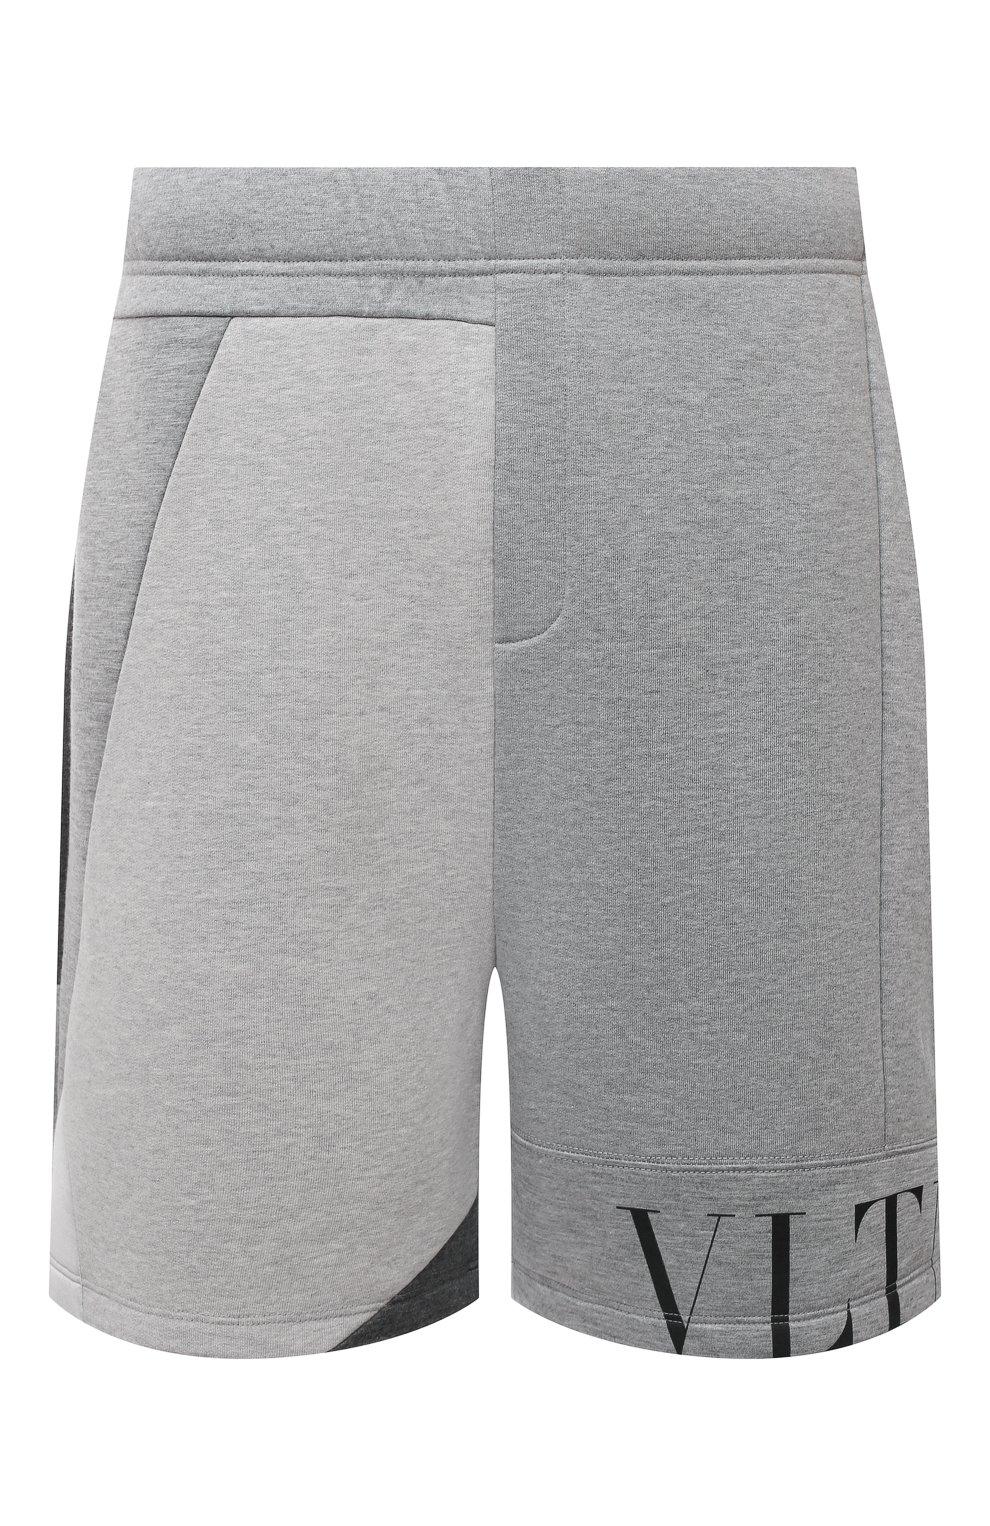 Мужские шорты VALENTINO светло-серого цвета, арт. WV3MD02Y7CV   Фото 1 (Длина Шорты М: До колена; Материал внешний: Синтетический материал; Принт: С принтом; Кросс-КТ: Трикотаж; Стили: Спорт-шик)